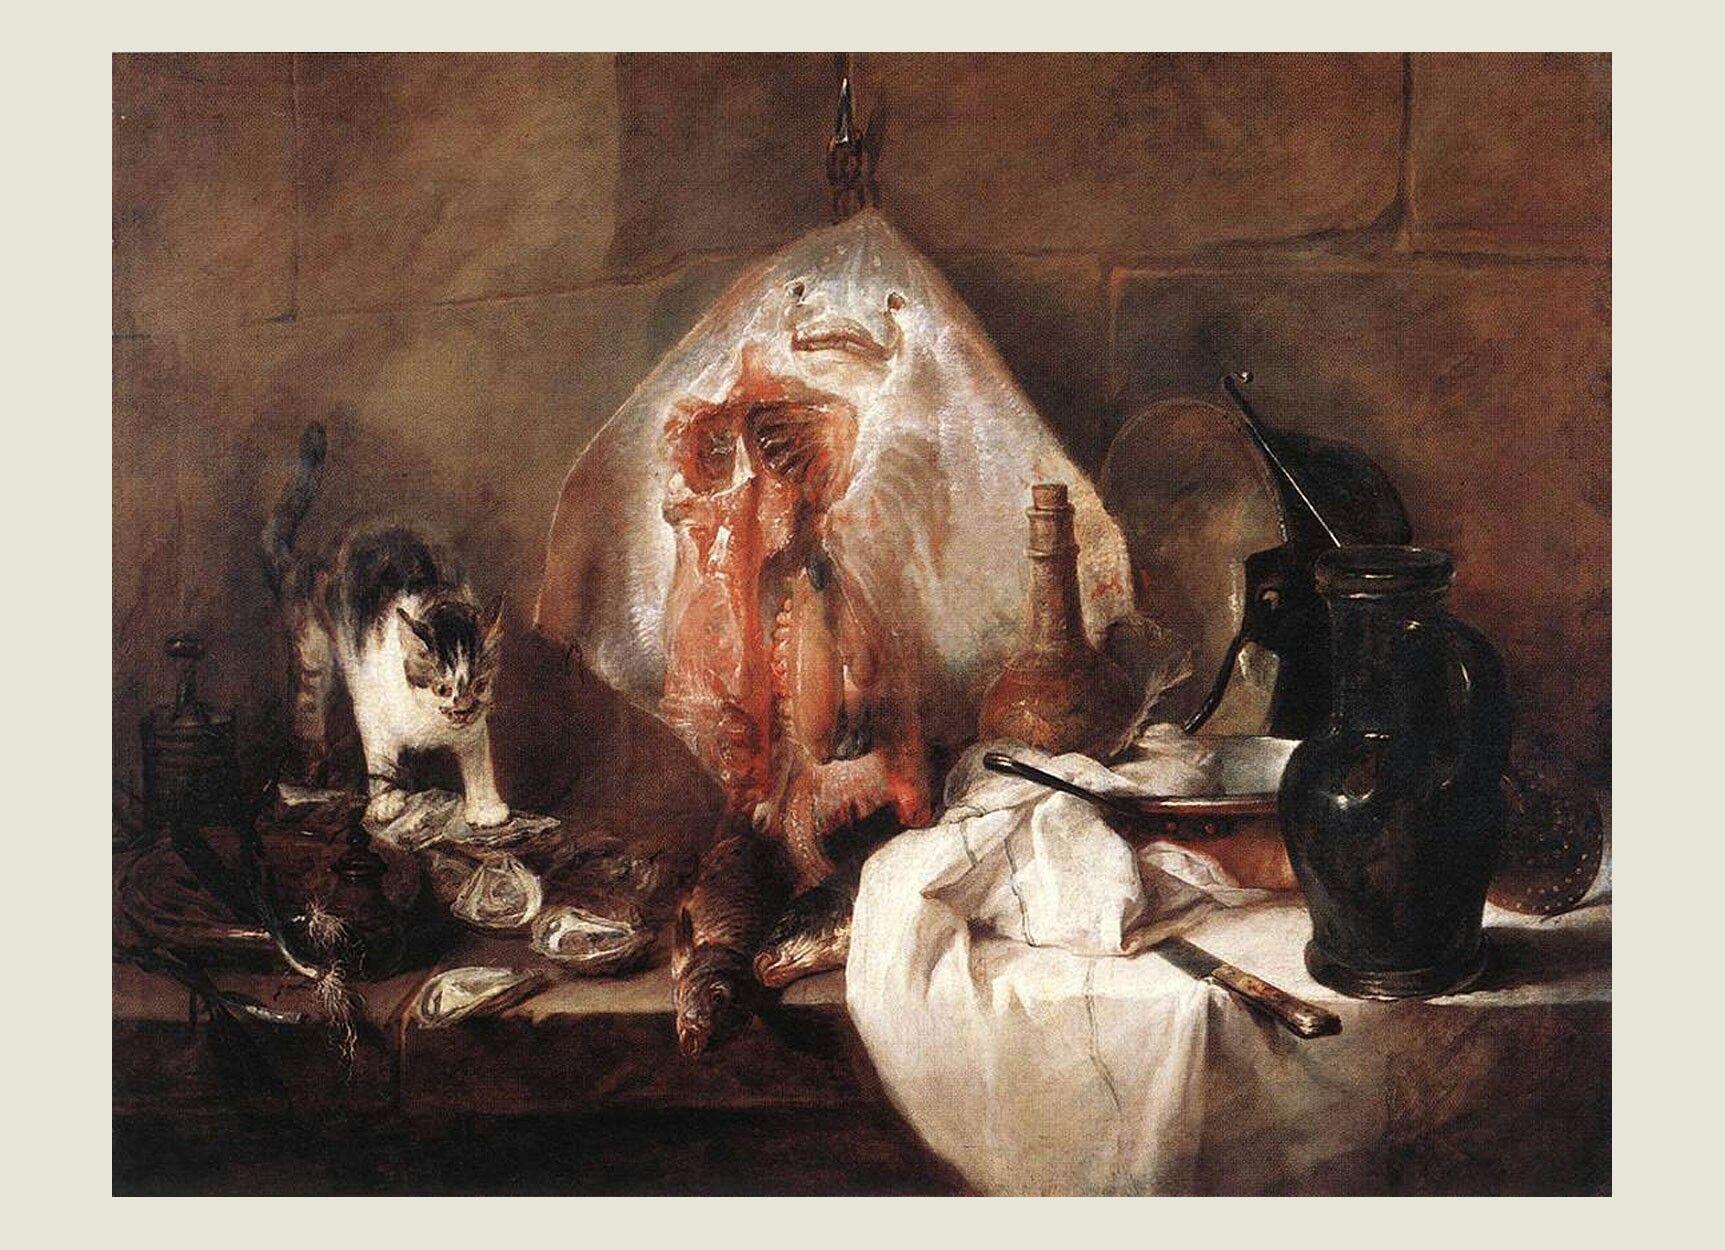 La Raie Chardin Avec Images Affiche Artistique Peinture De